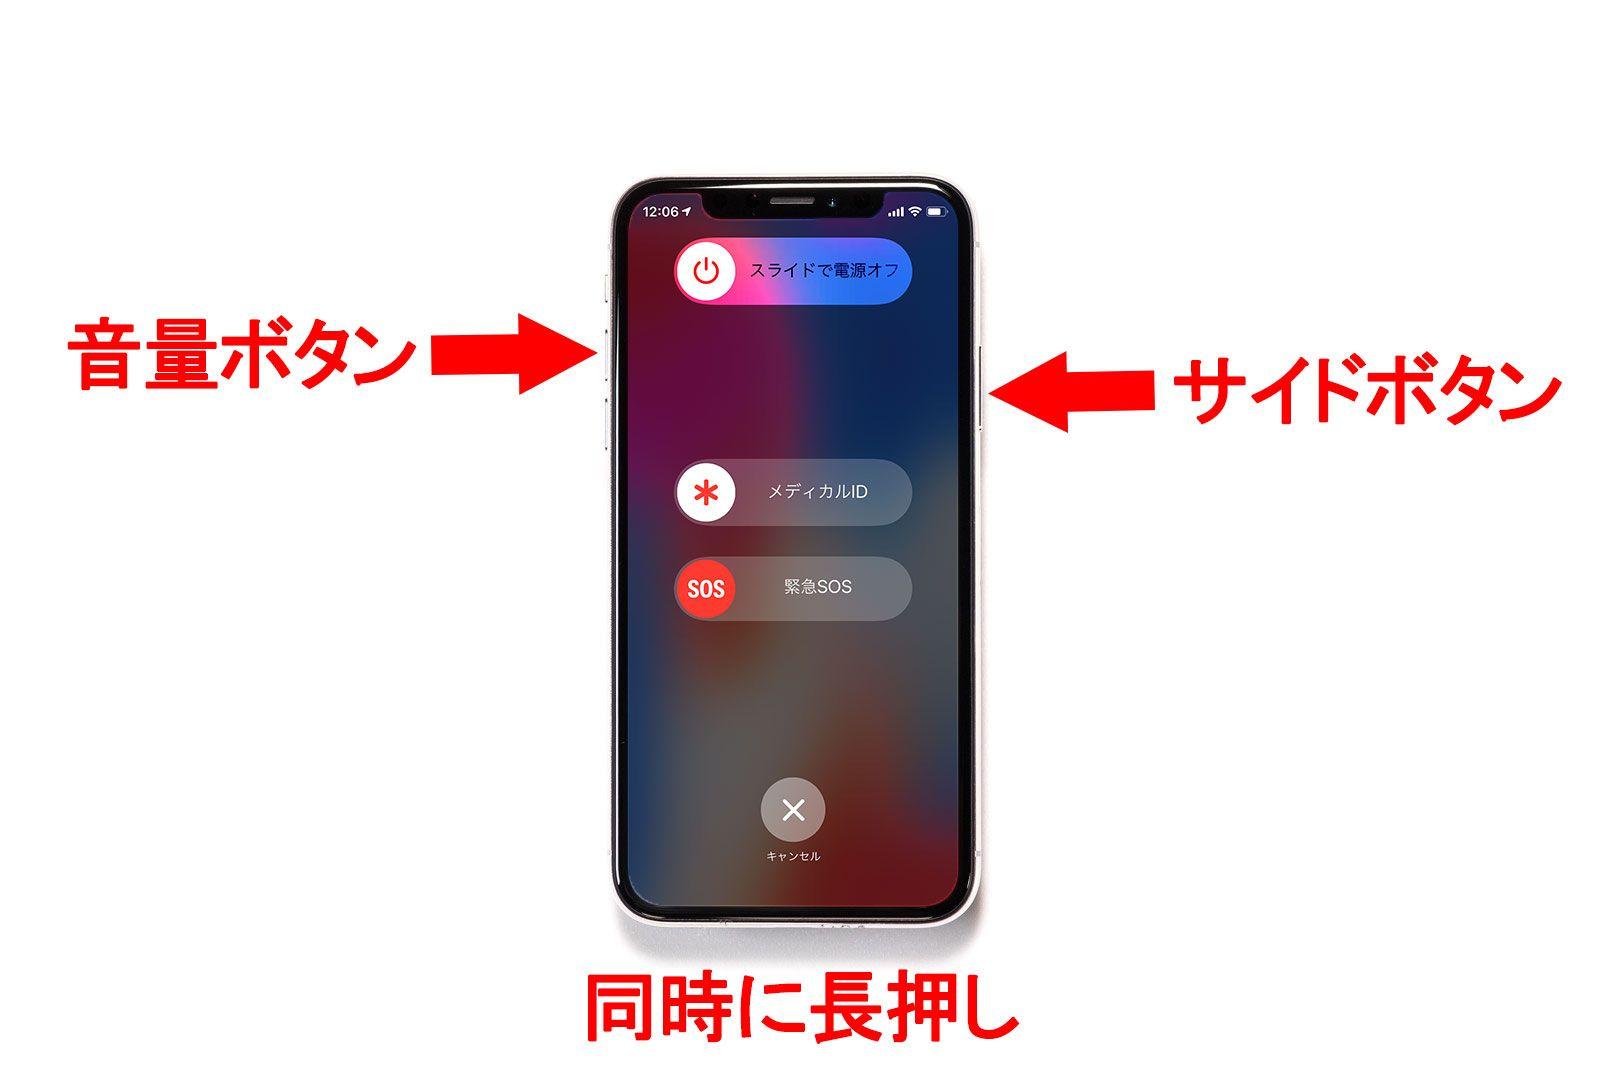 iPhone Xシリーズ 電源をオフする方法